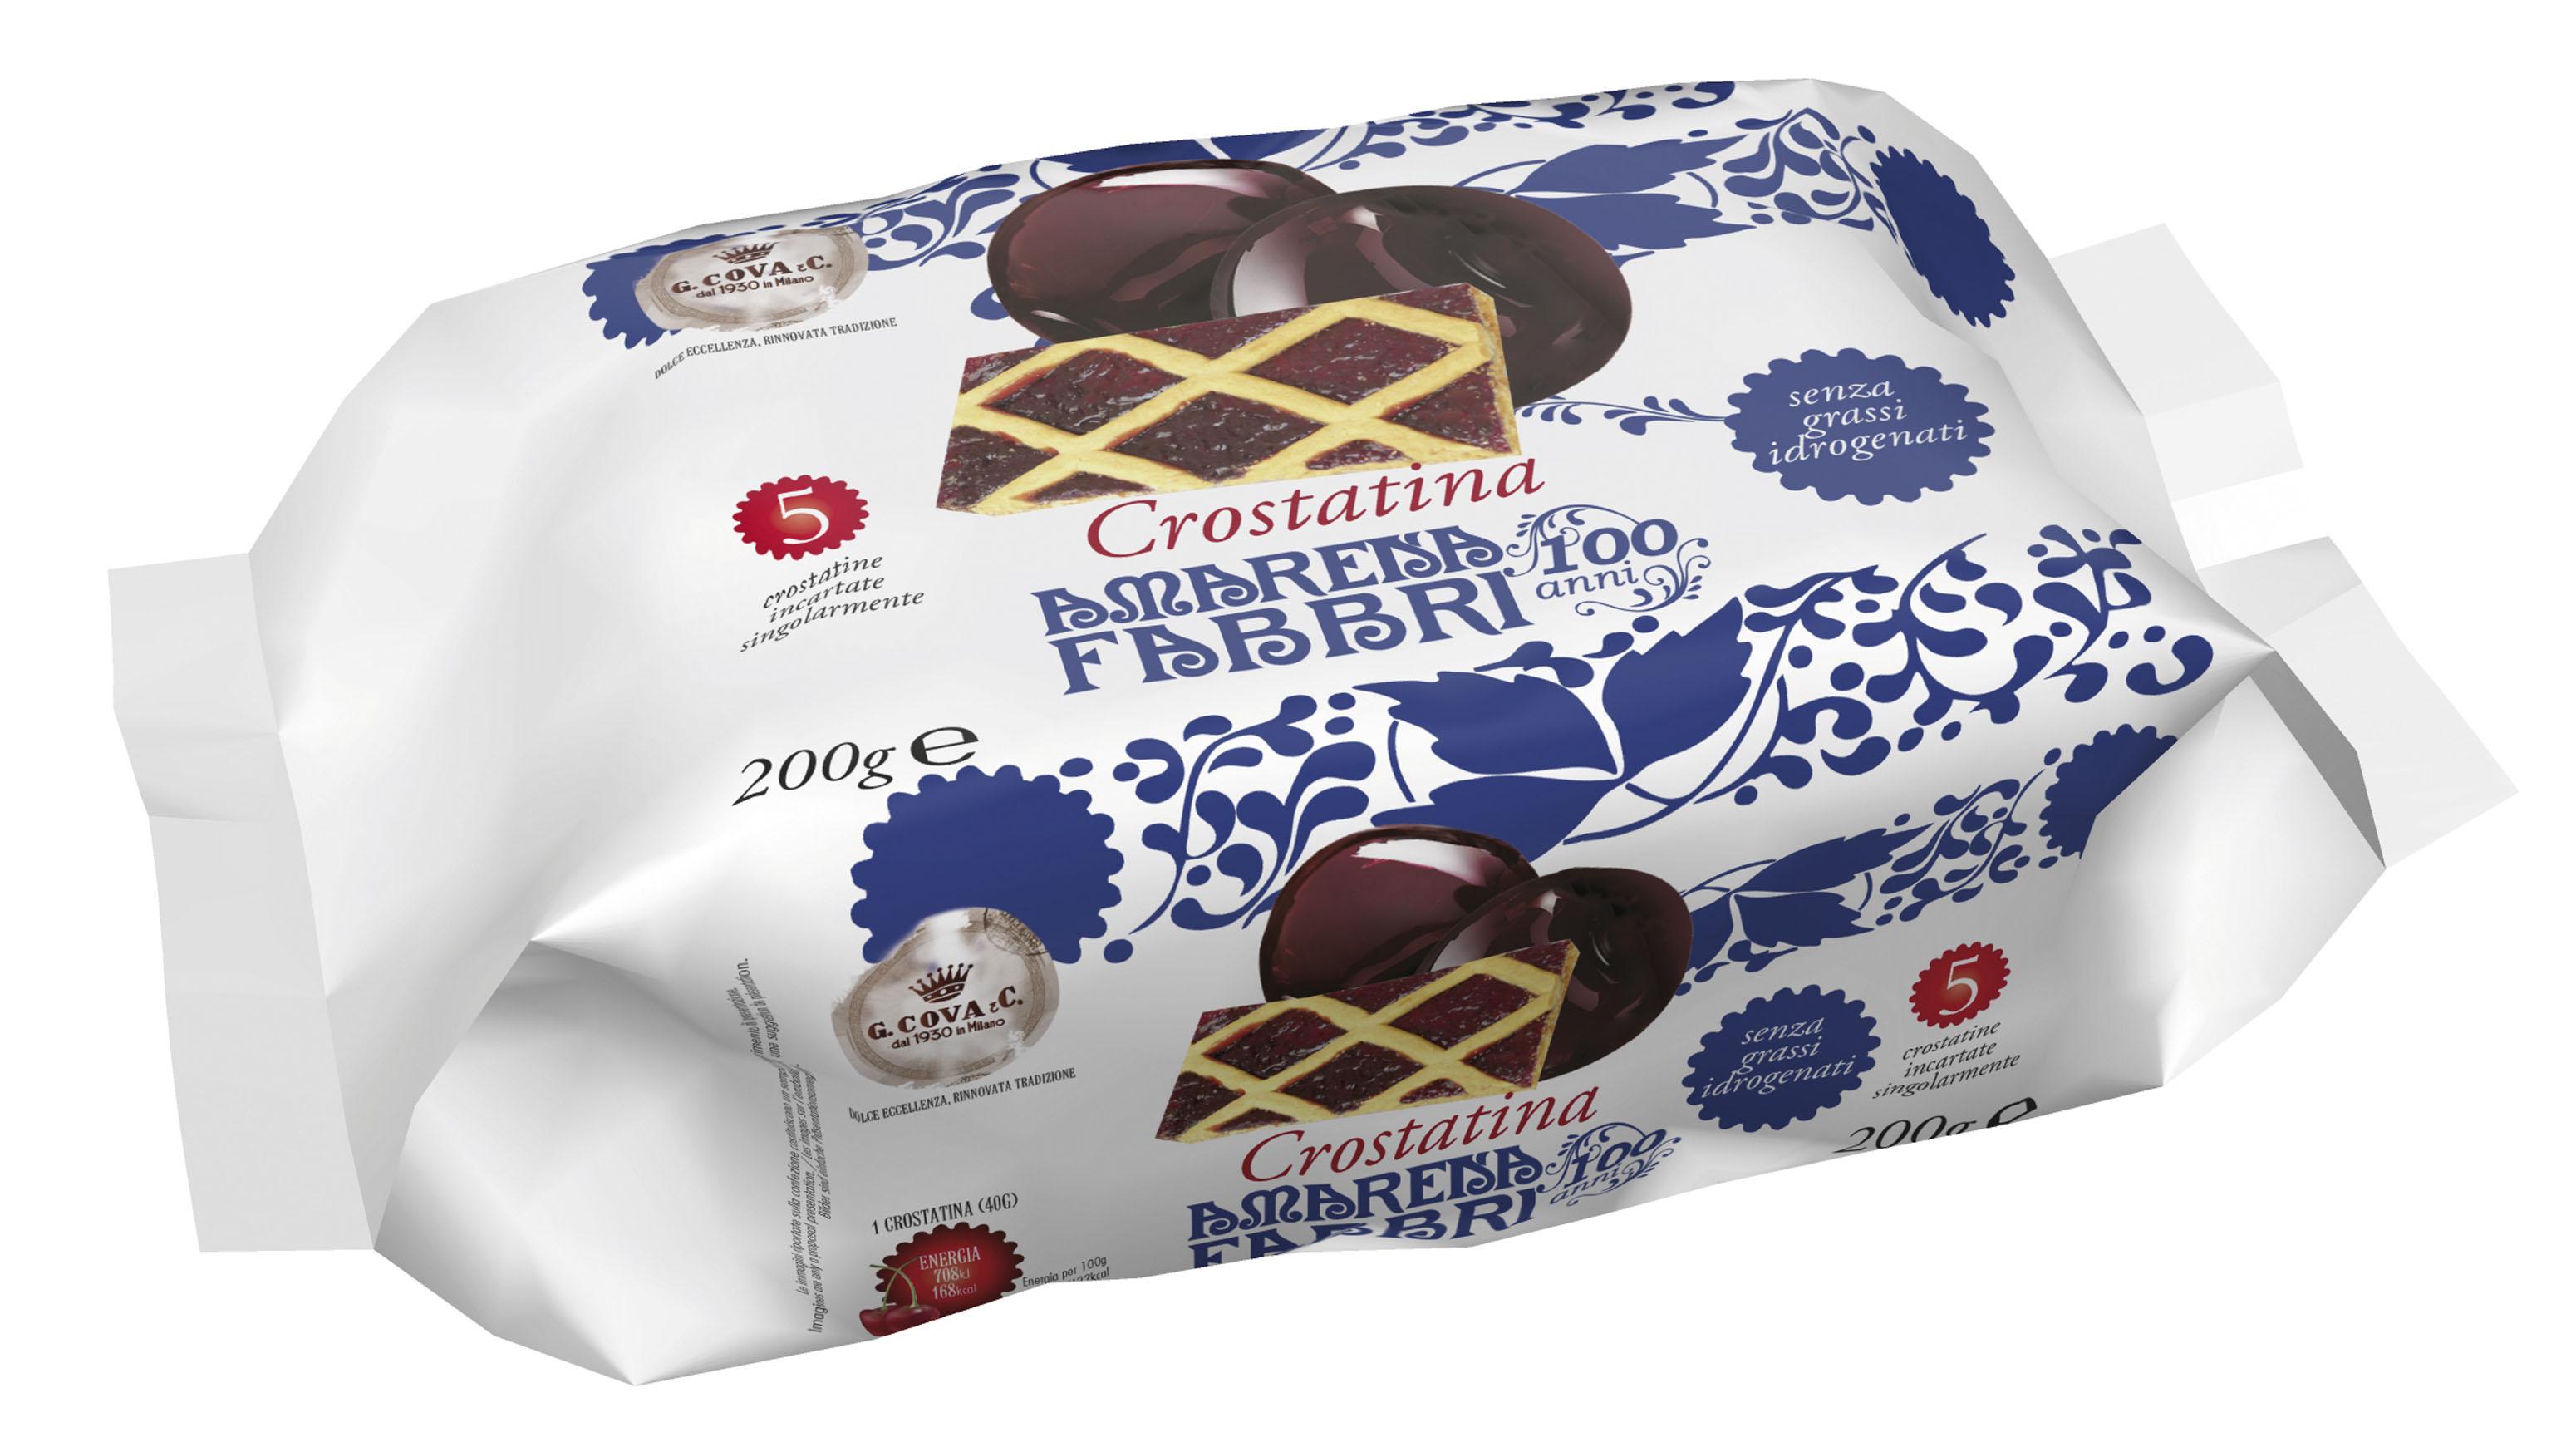 confezione crostatine all'amarena Fabbri